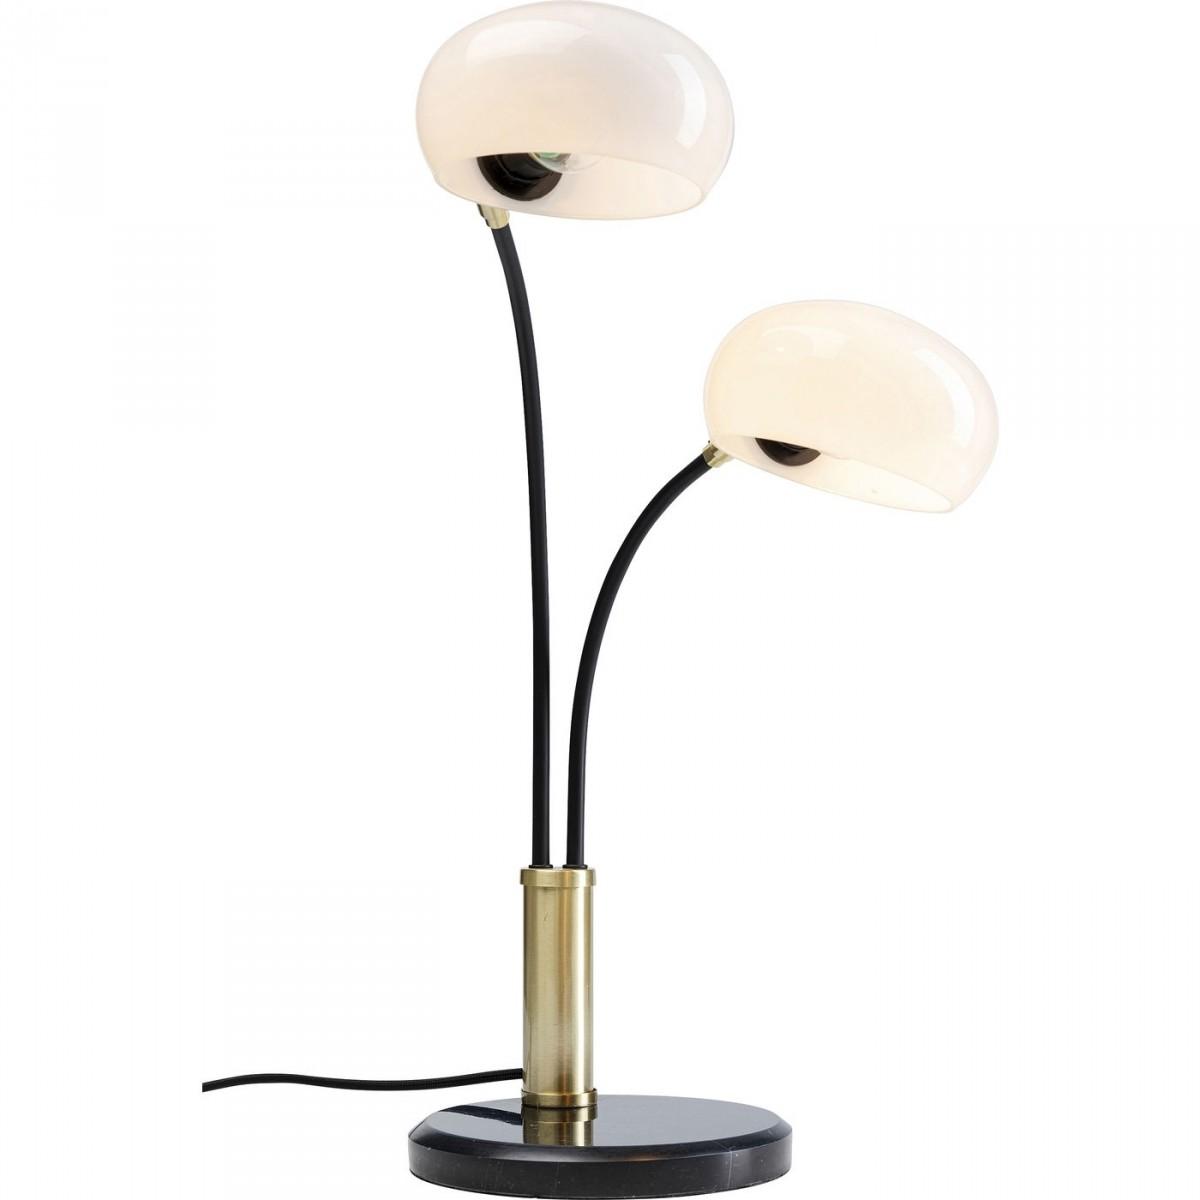 Kare design two fingers duo bordlampe - glas, sort marmor og messing stål (h:55cm) fra kare design på boboonline.dk